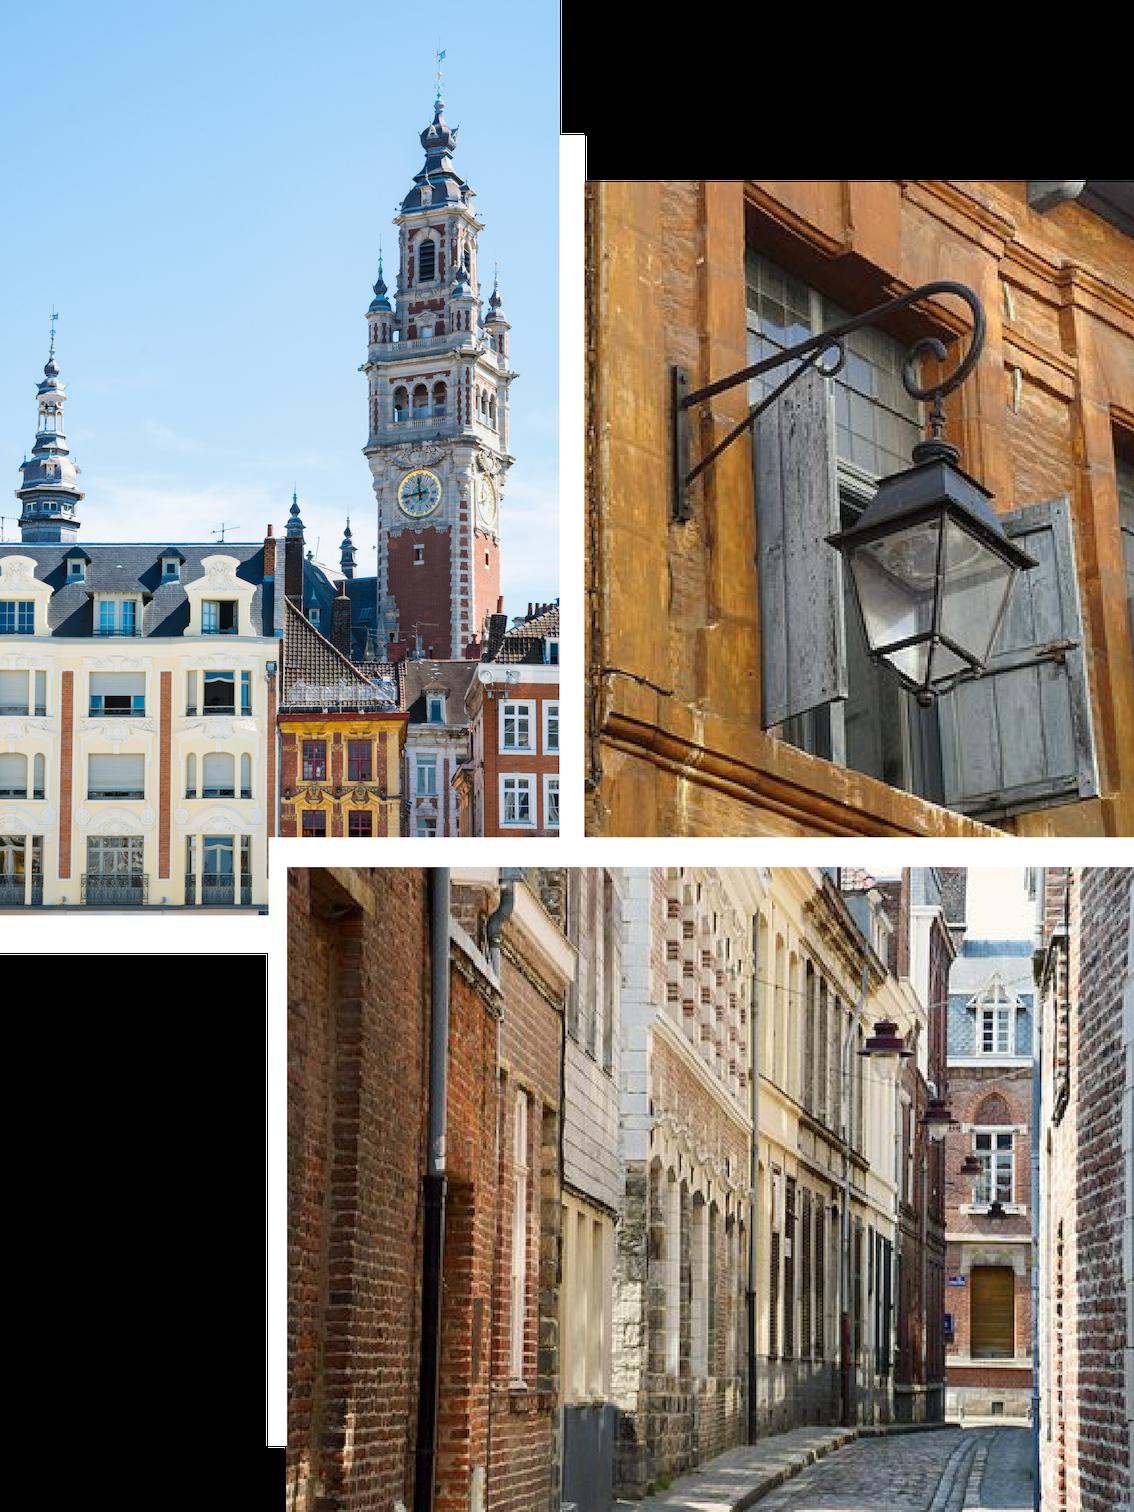 - La chaleureuse ville de Lille s'identifie par ses petites maisons de ville en briques rouges, typiques du 17e siècle, ses jolies ruelles piétonnes pavées et sa place centrale.Promenez-vous dans son centre historique et profitez-en pour flâner à travers le temps.C'est à travers ce décor cosy et authentique que nous vous proposons un shooting photo lifestyle inoubliable.